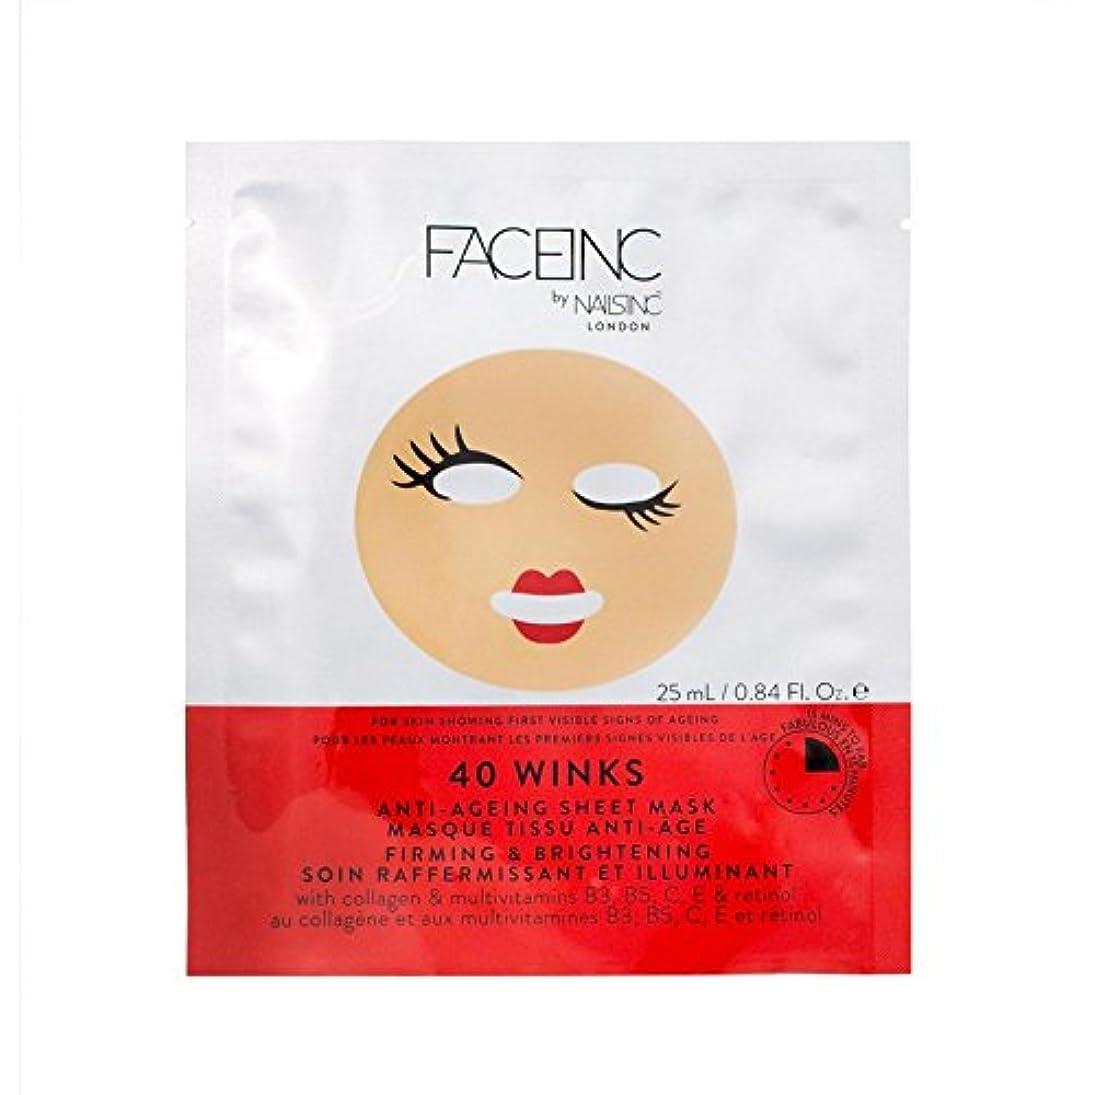 自動シミュレートするシーボード爪が株式会社顔株式会社40のウィンクは、マスク x2 - Nails Inc. Face Inc 40 Winks Mask (Pack of 2) [並行輸入品]